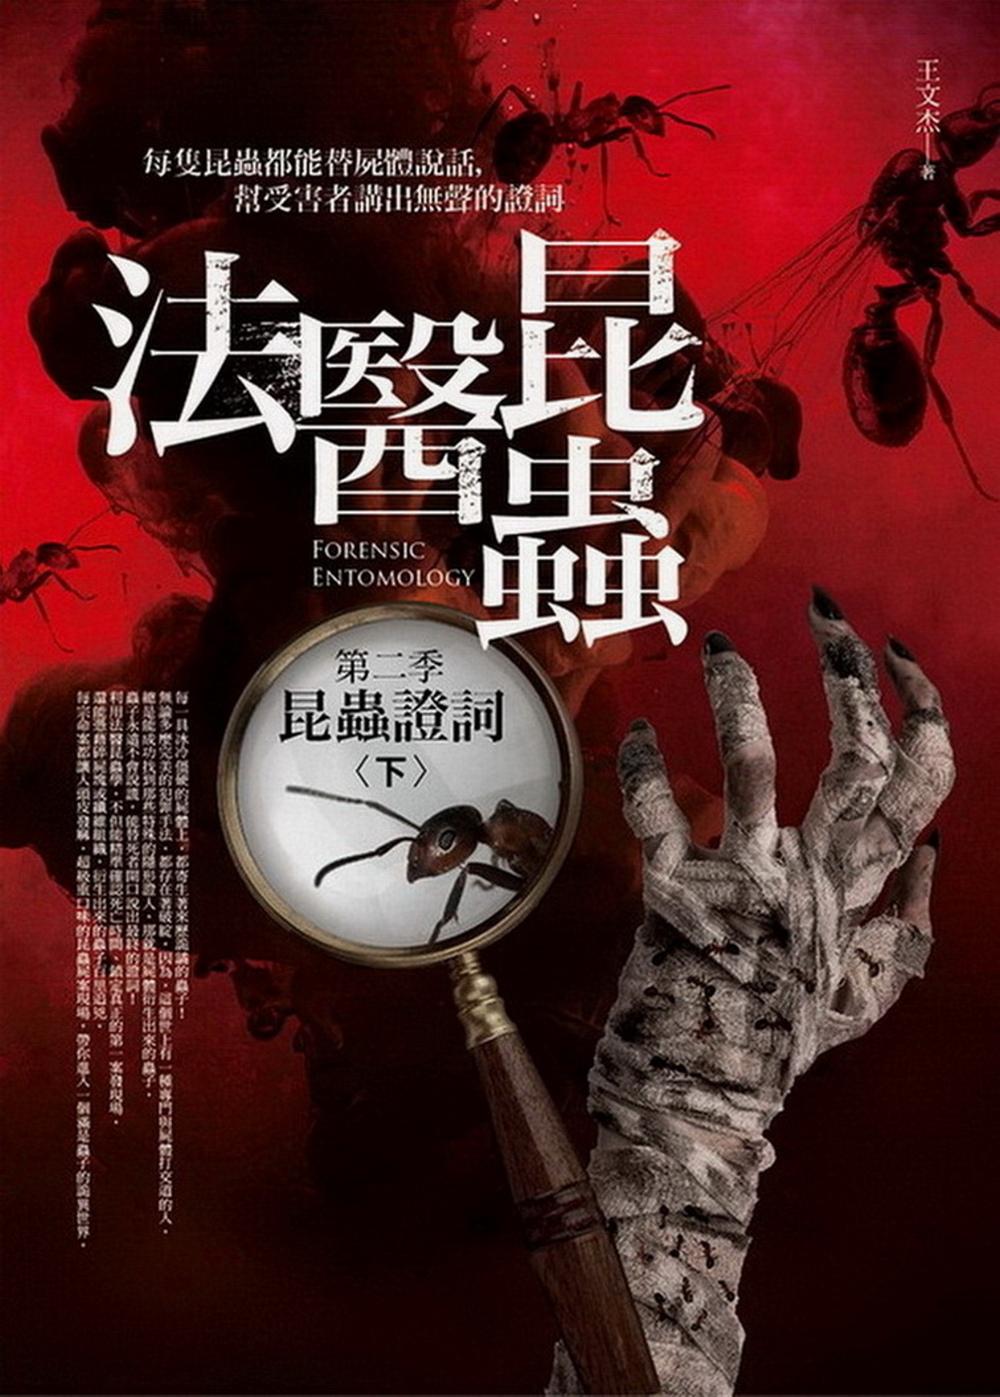 法醫昆蟲 第二季:昆蟲證詞(下)